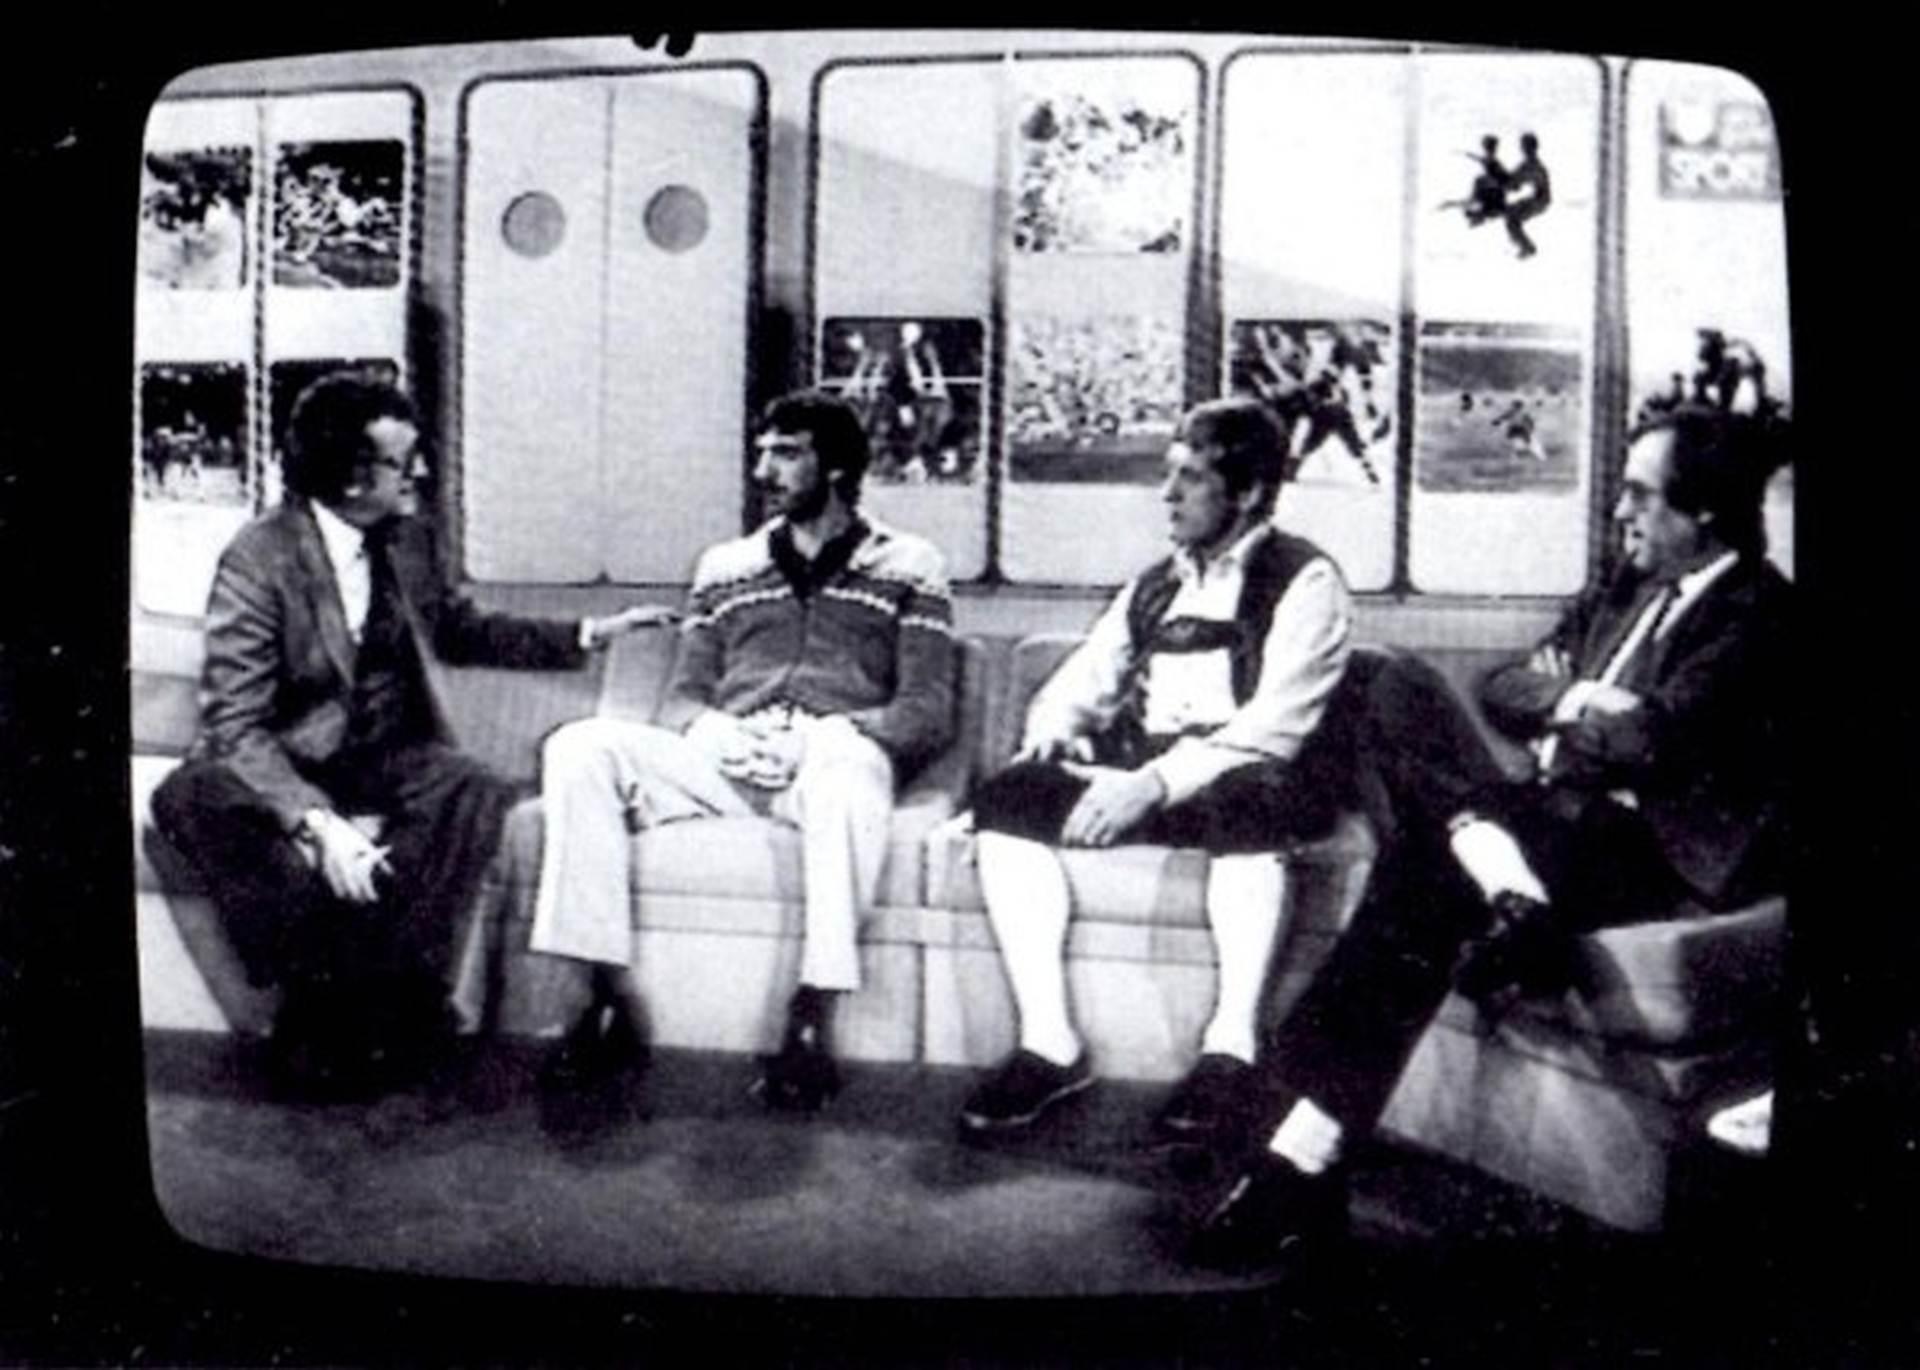 Starbulls im TV - 1978 - 1994